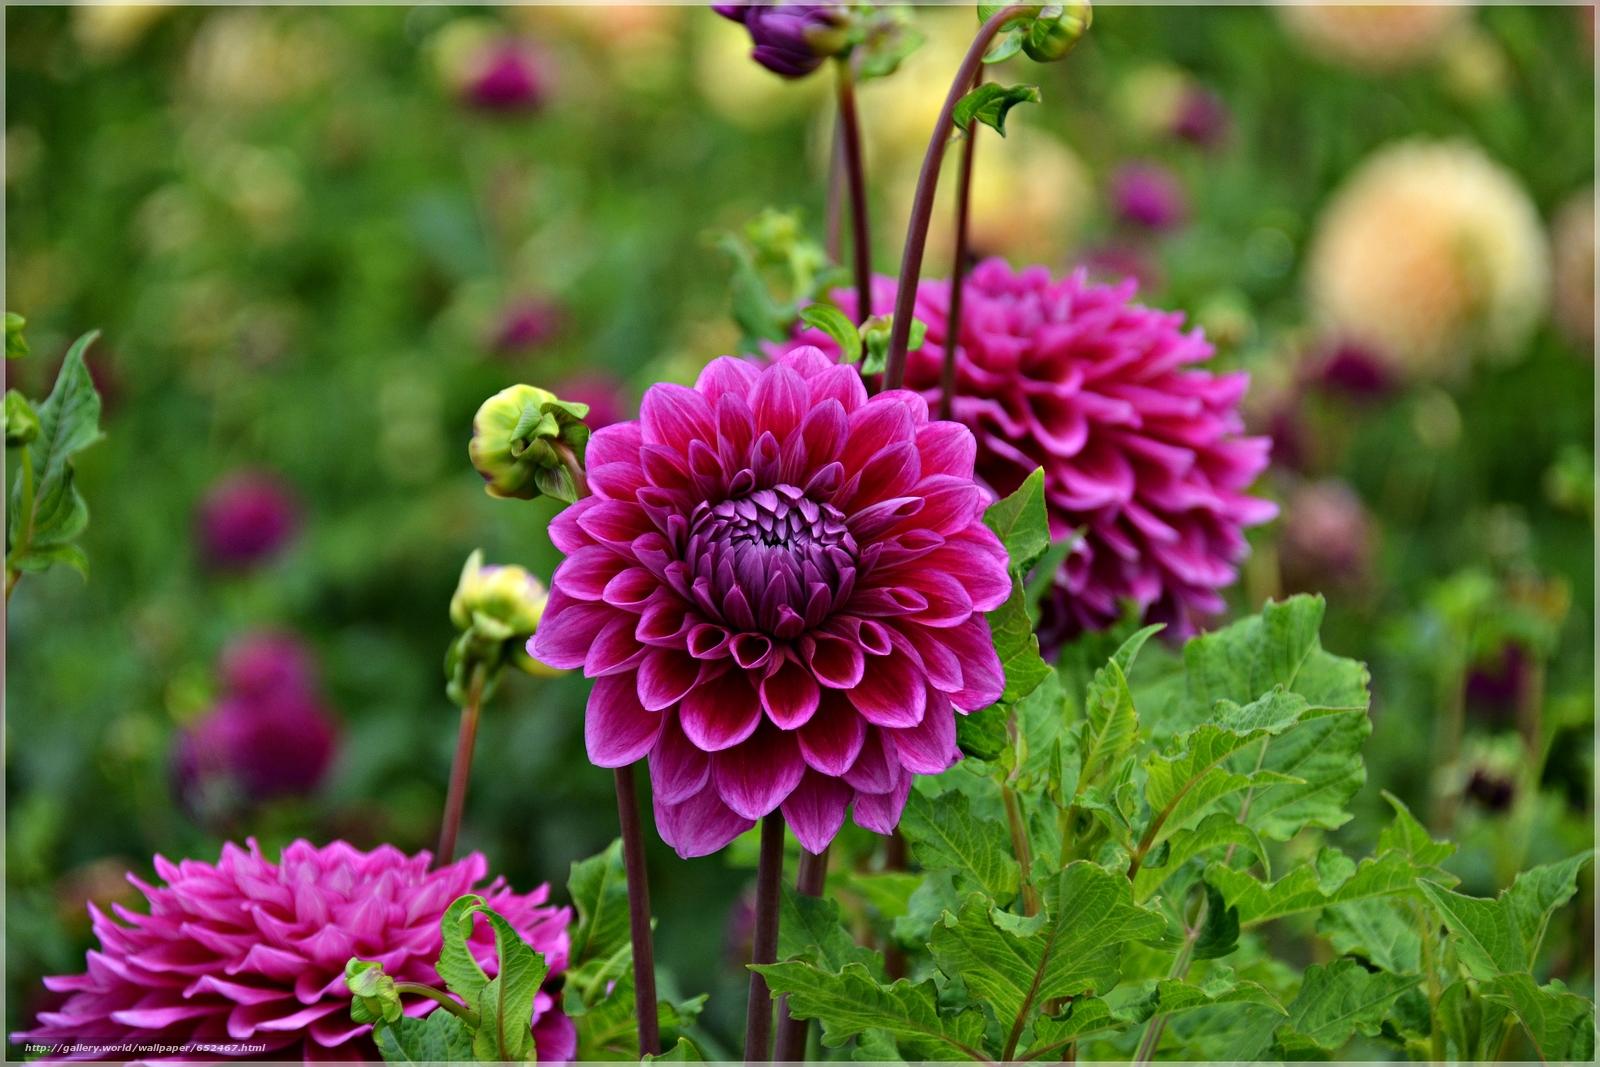 Скачать обои георгин,  цветок,  флора бесплатно для рабочего стола в разрешении 4890x3260 — картинка №652467